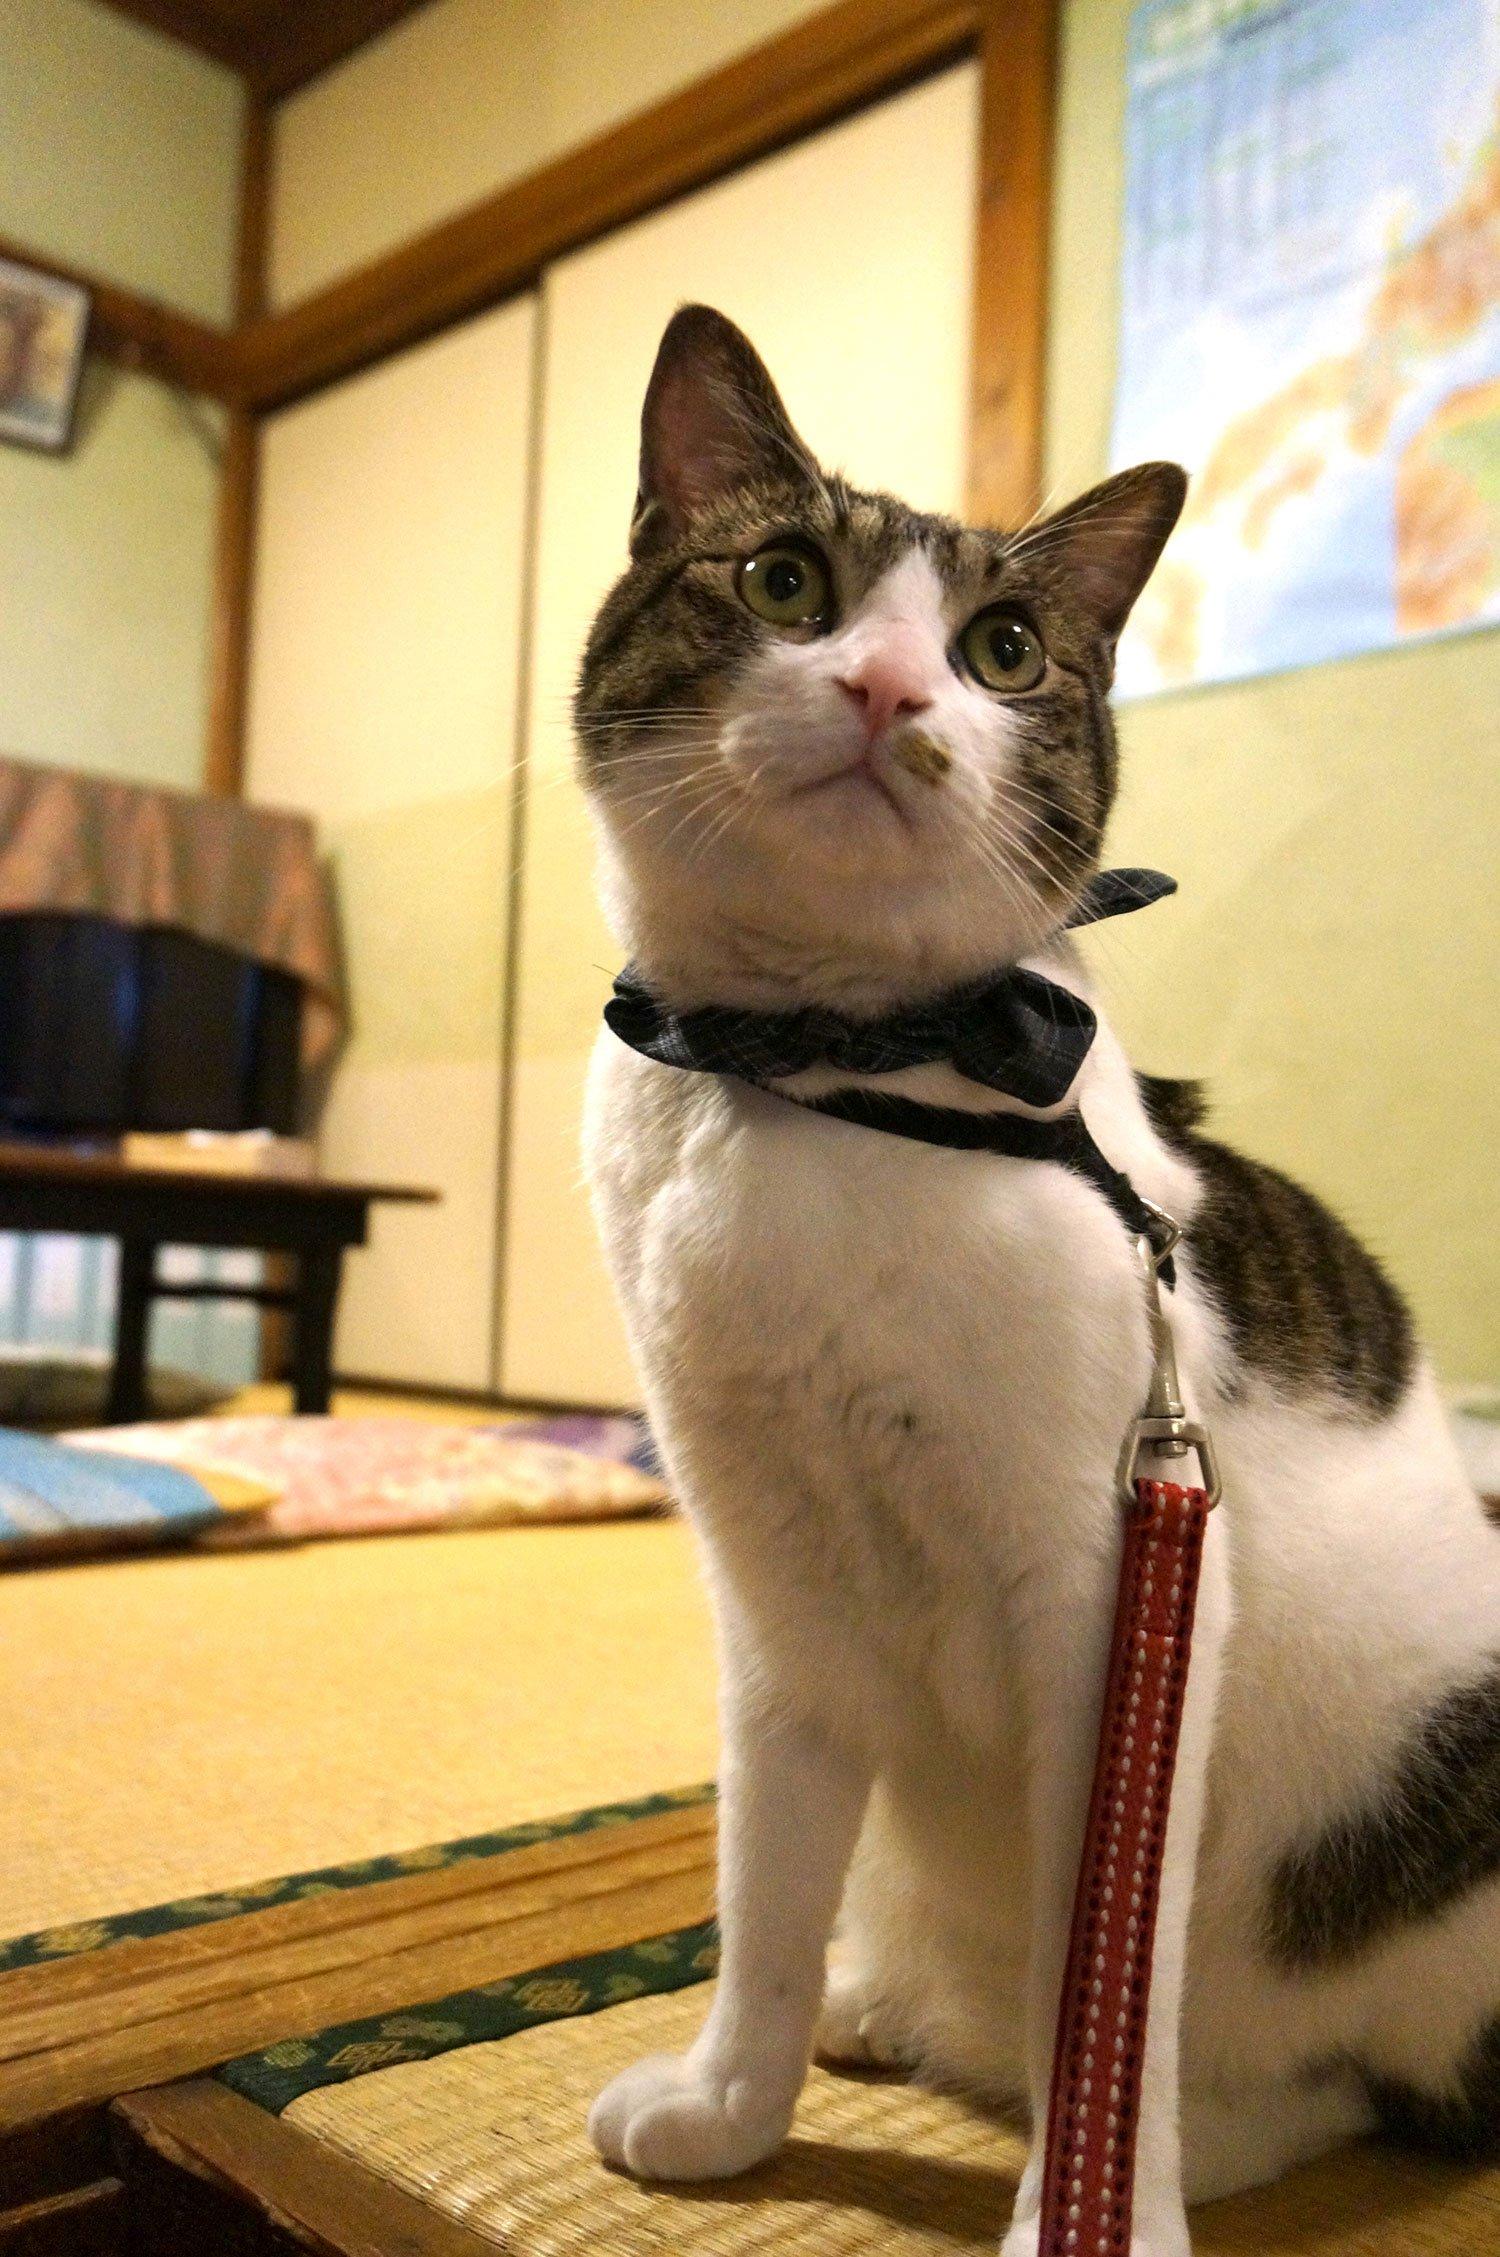 当初はお店で里親を募るつもりだったが、「情が移っちゃったのと、お客さんからも気に入られて『どこにもやらないで!』と言われるようになった」ことから、お店の看板猫に。